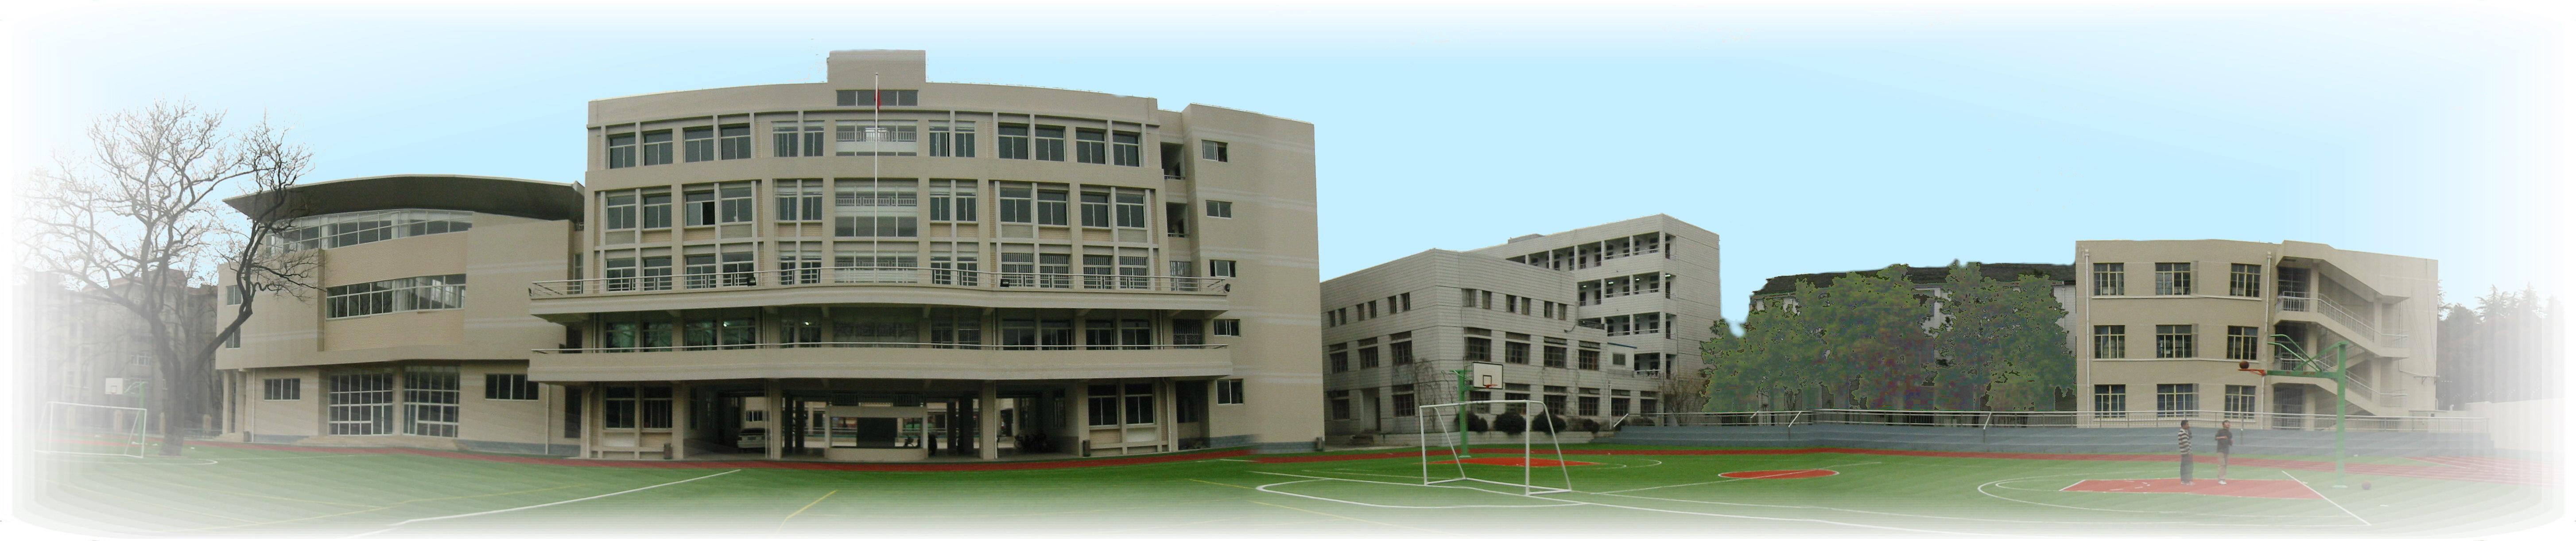 太平门校园